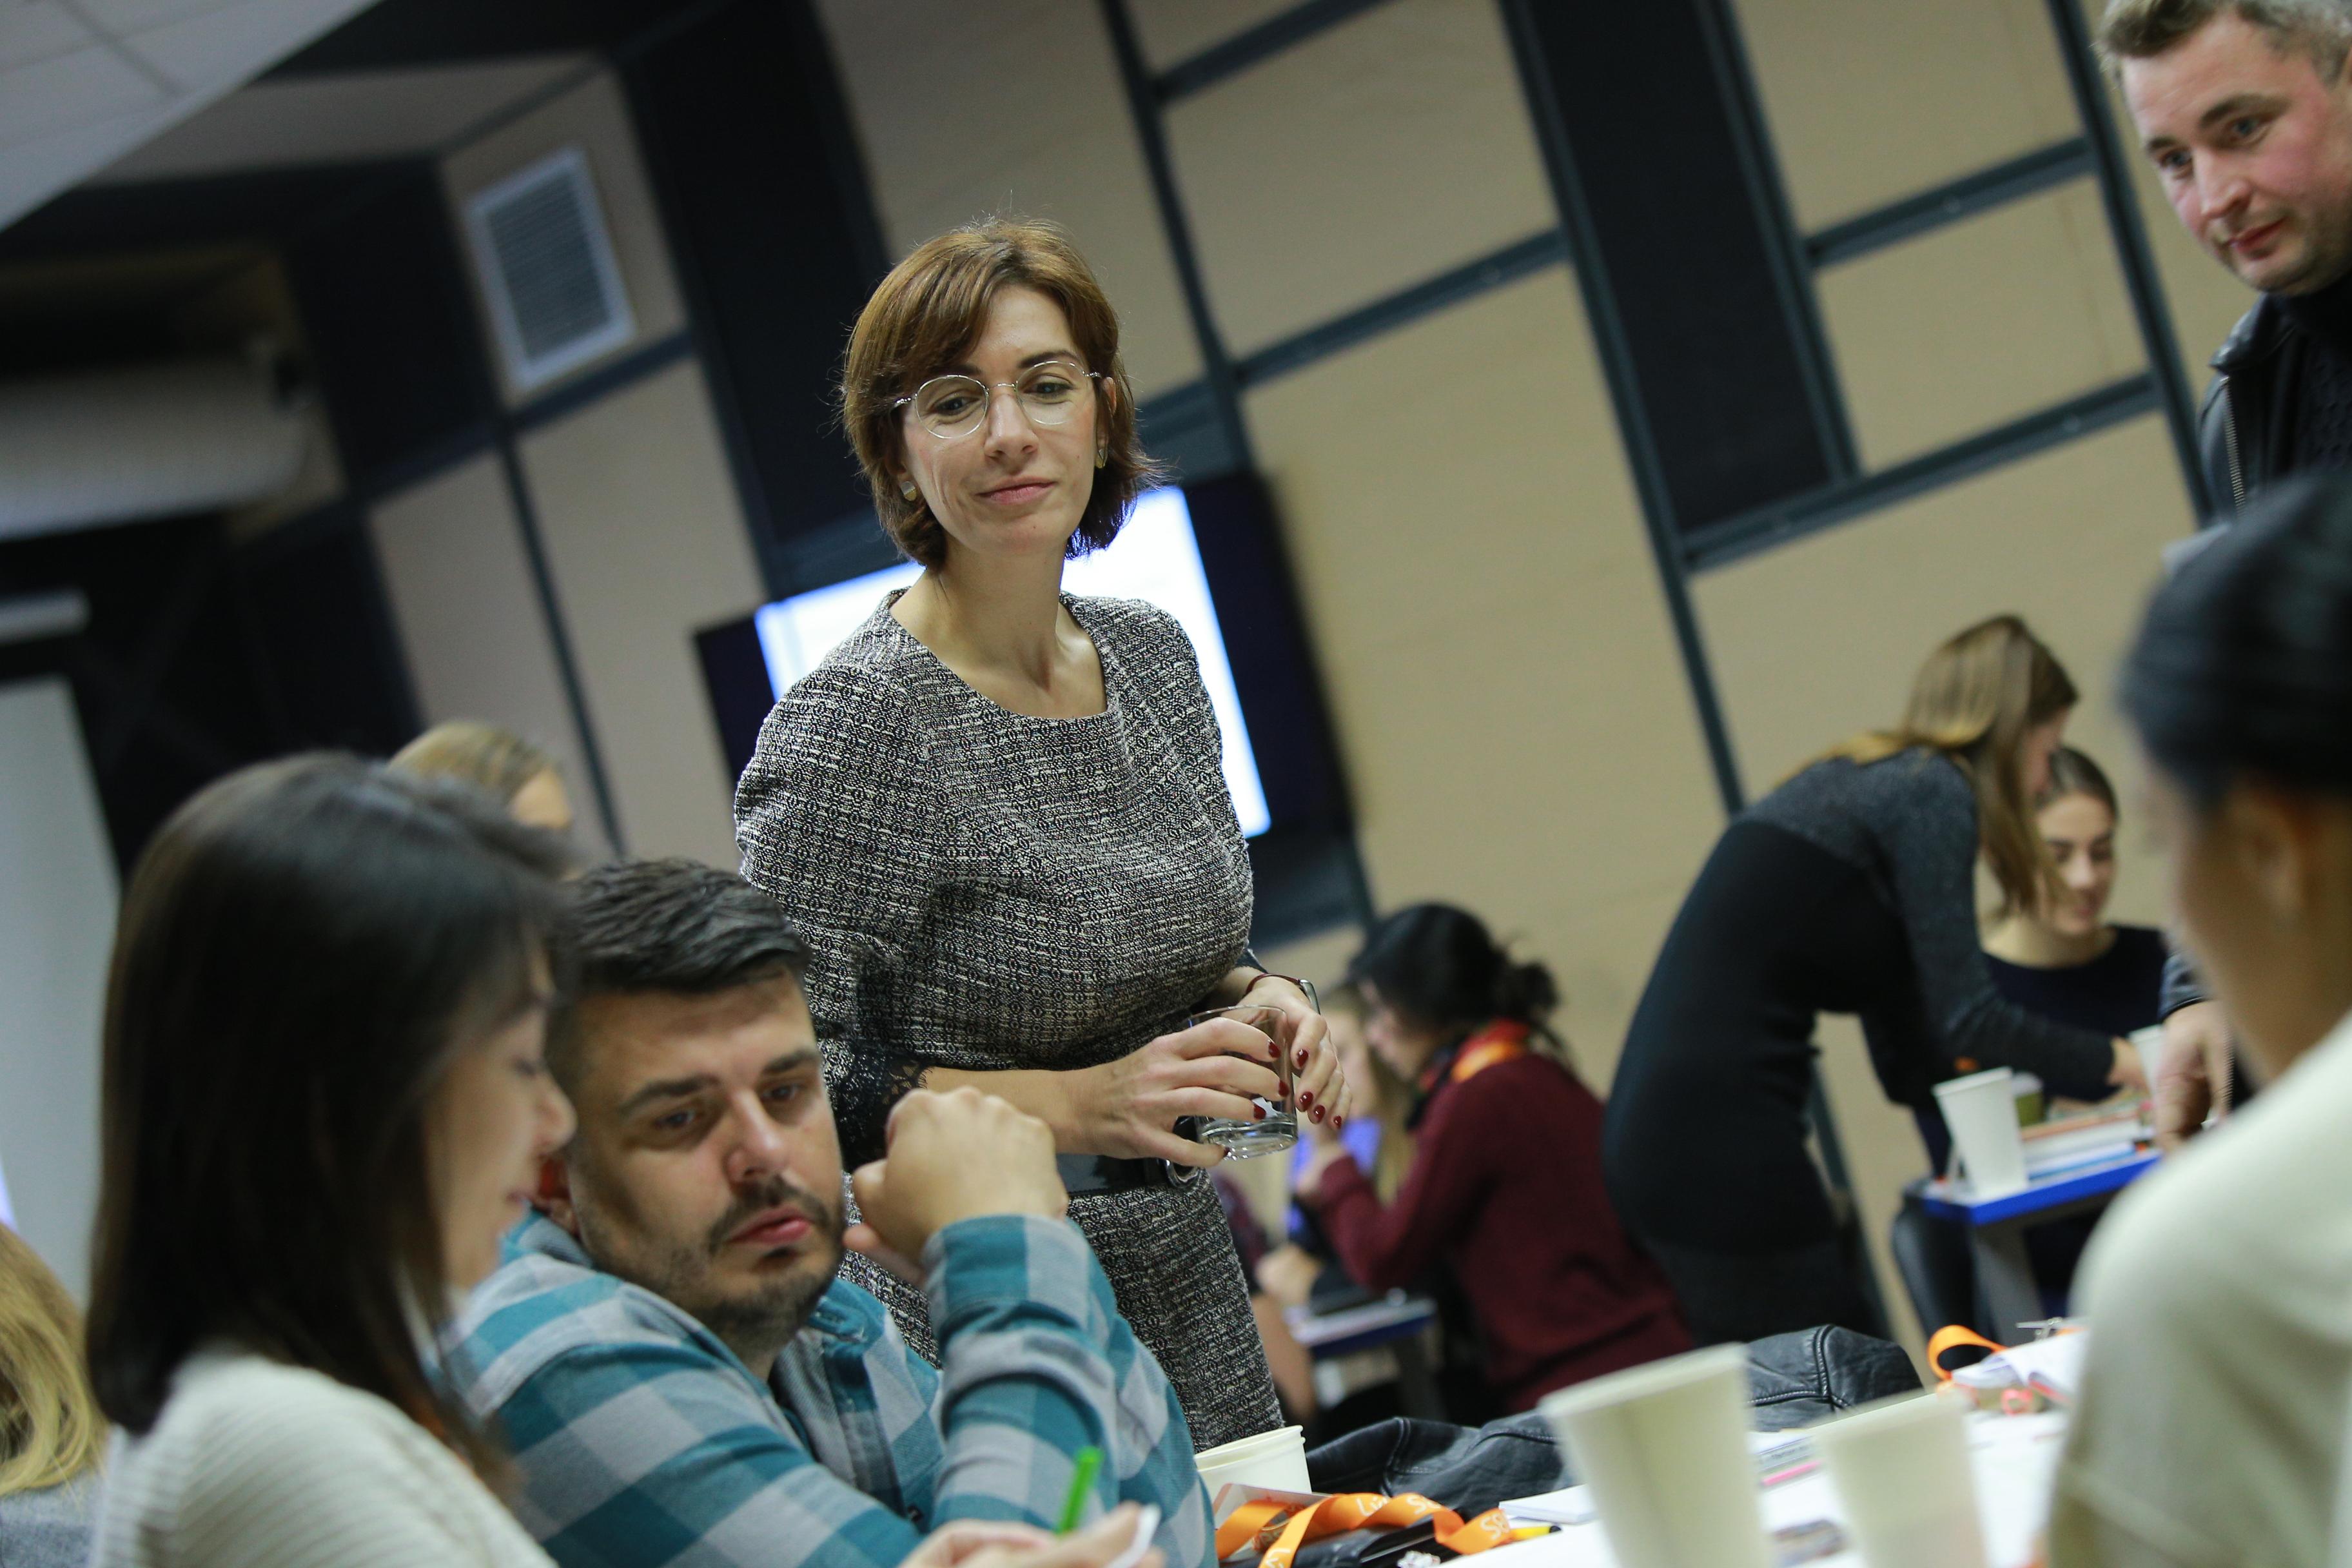 Проведення стратегічних сесій для побудови спільної маркетингової стратегії